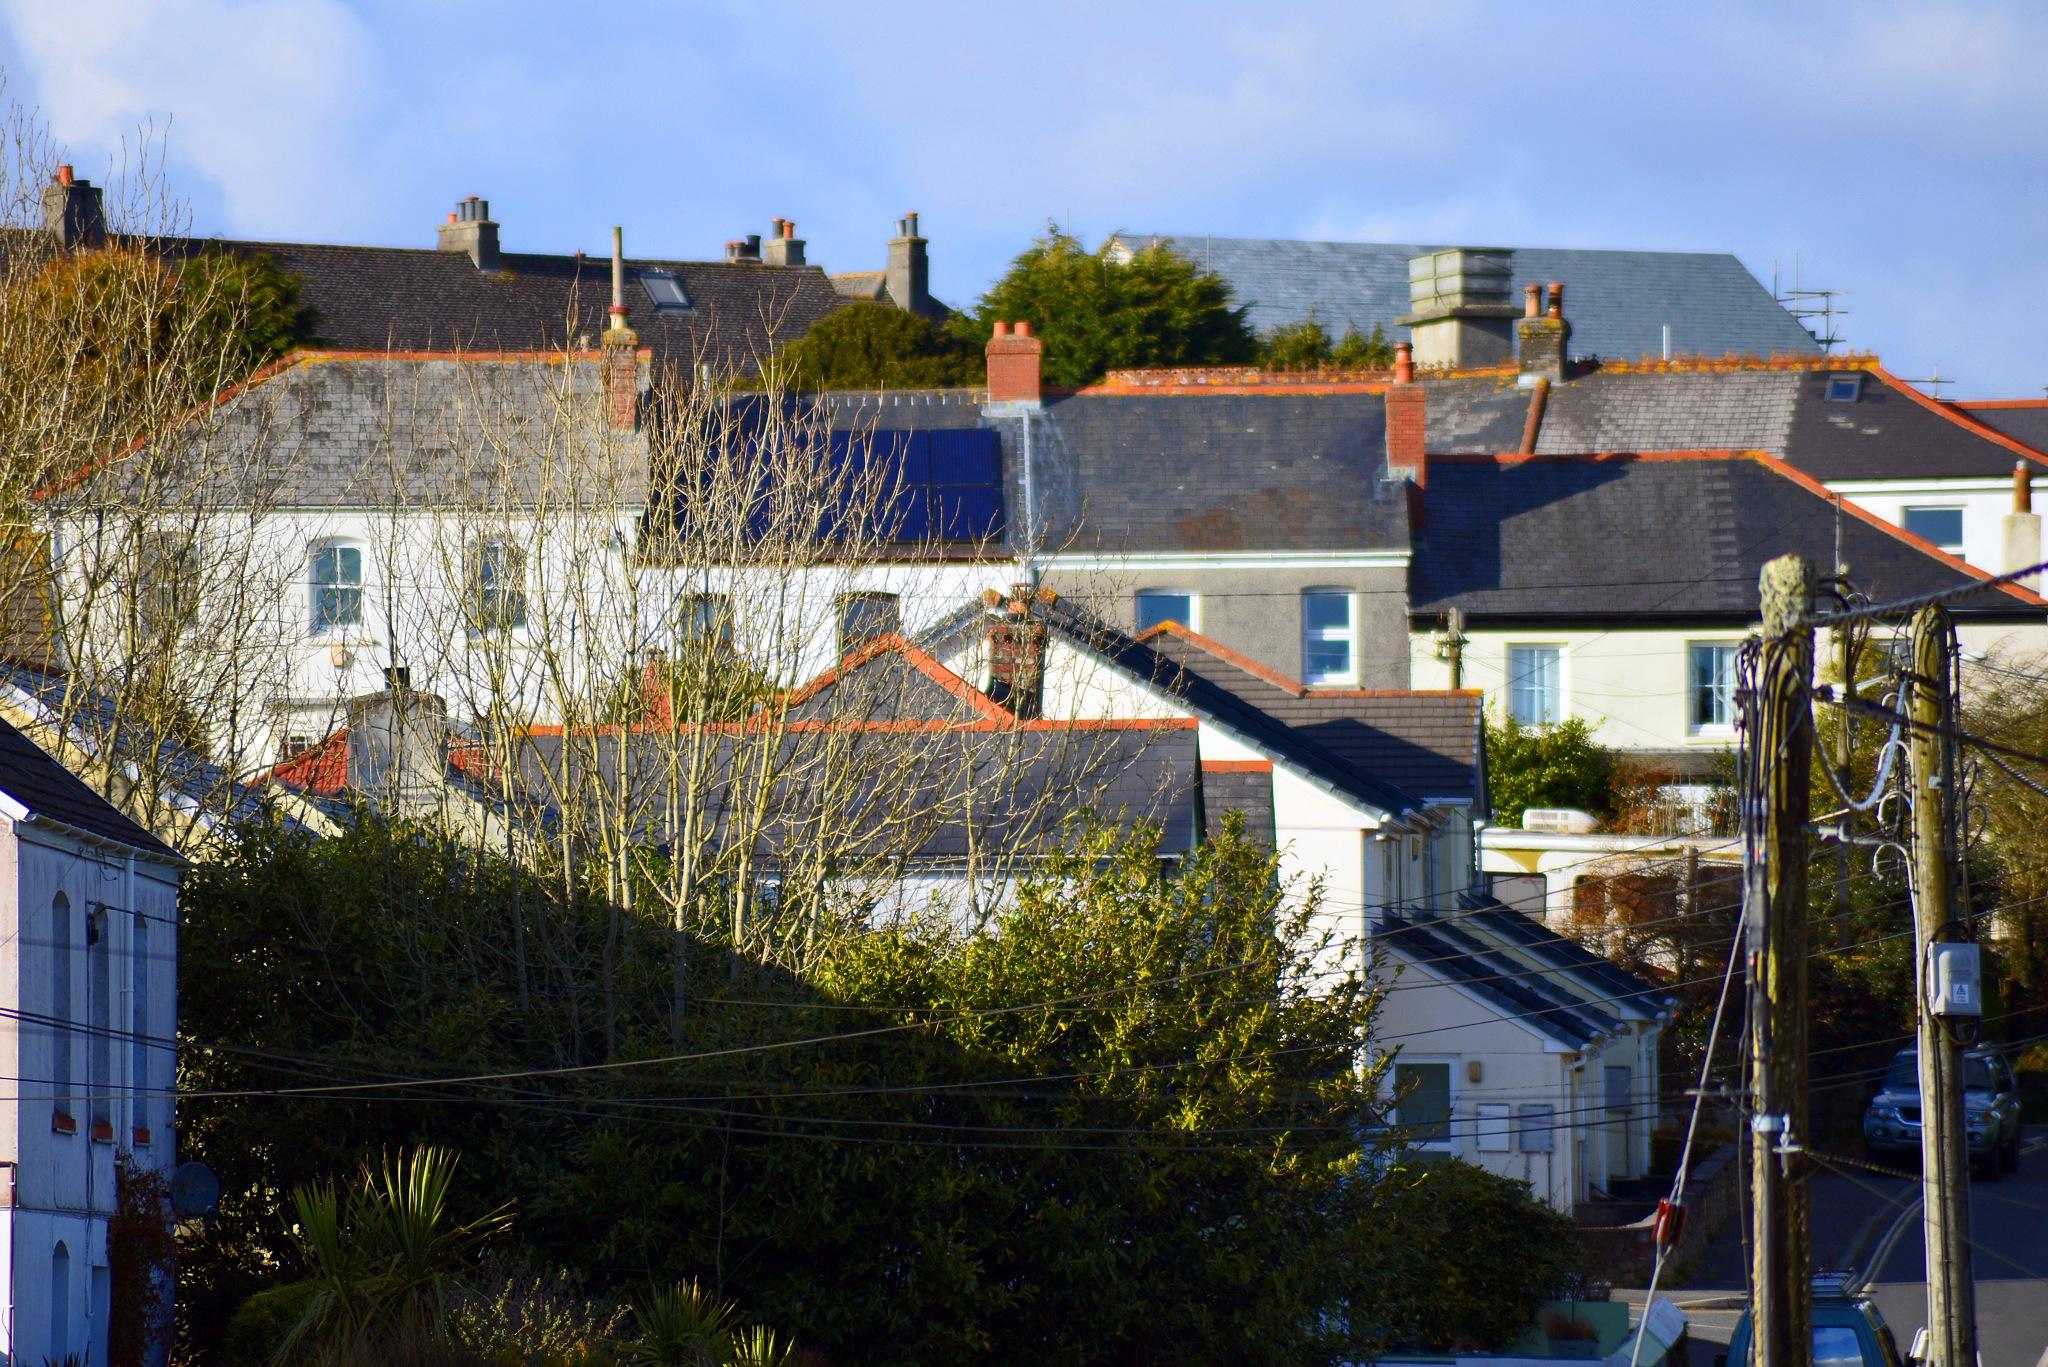 A warlk round the village, 5. by jamez